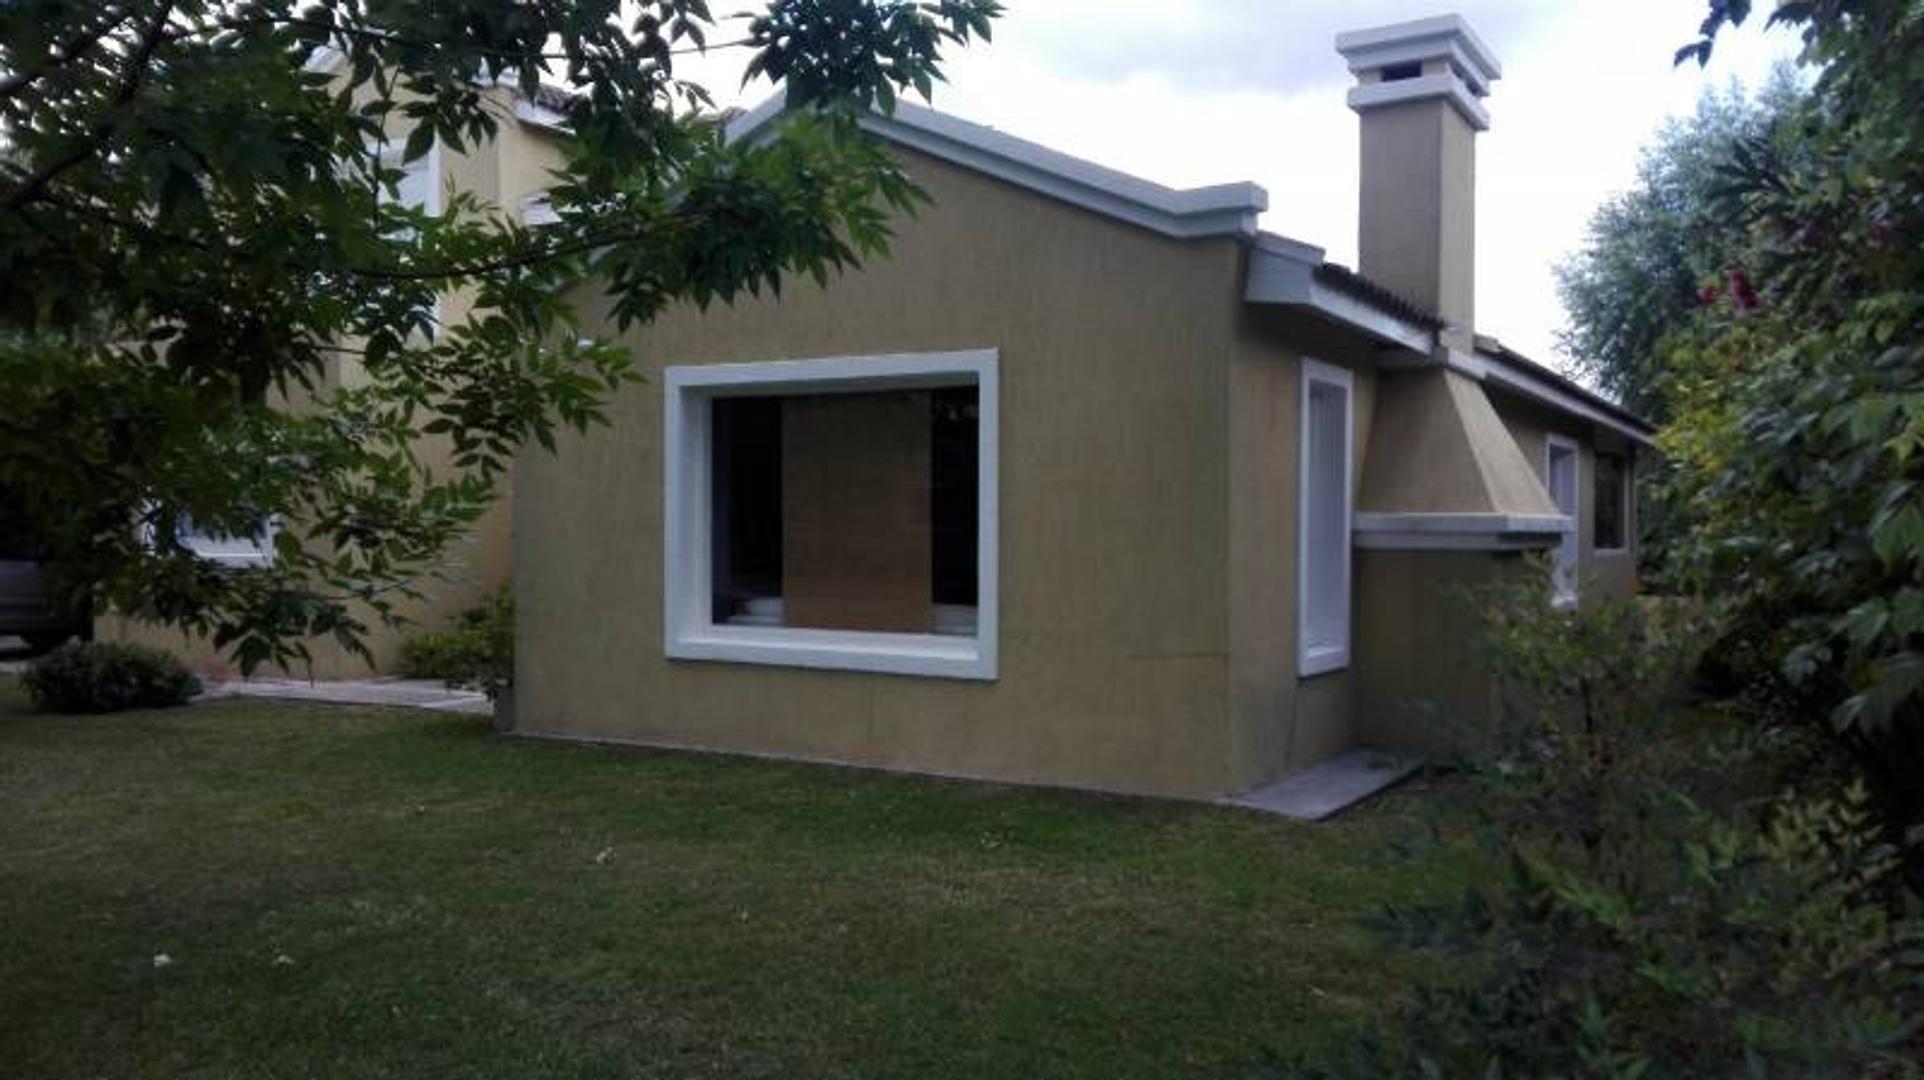 Casa - 210 m² | 3 dormitorios | 4 baños